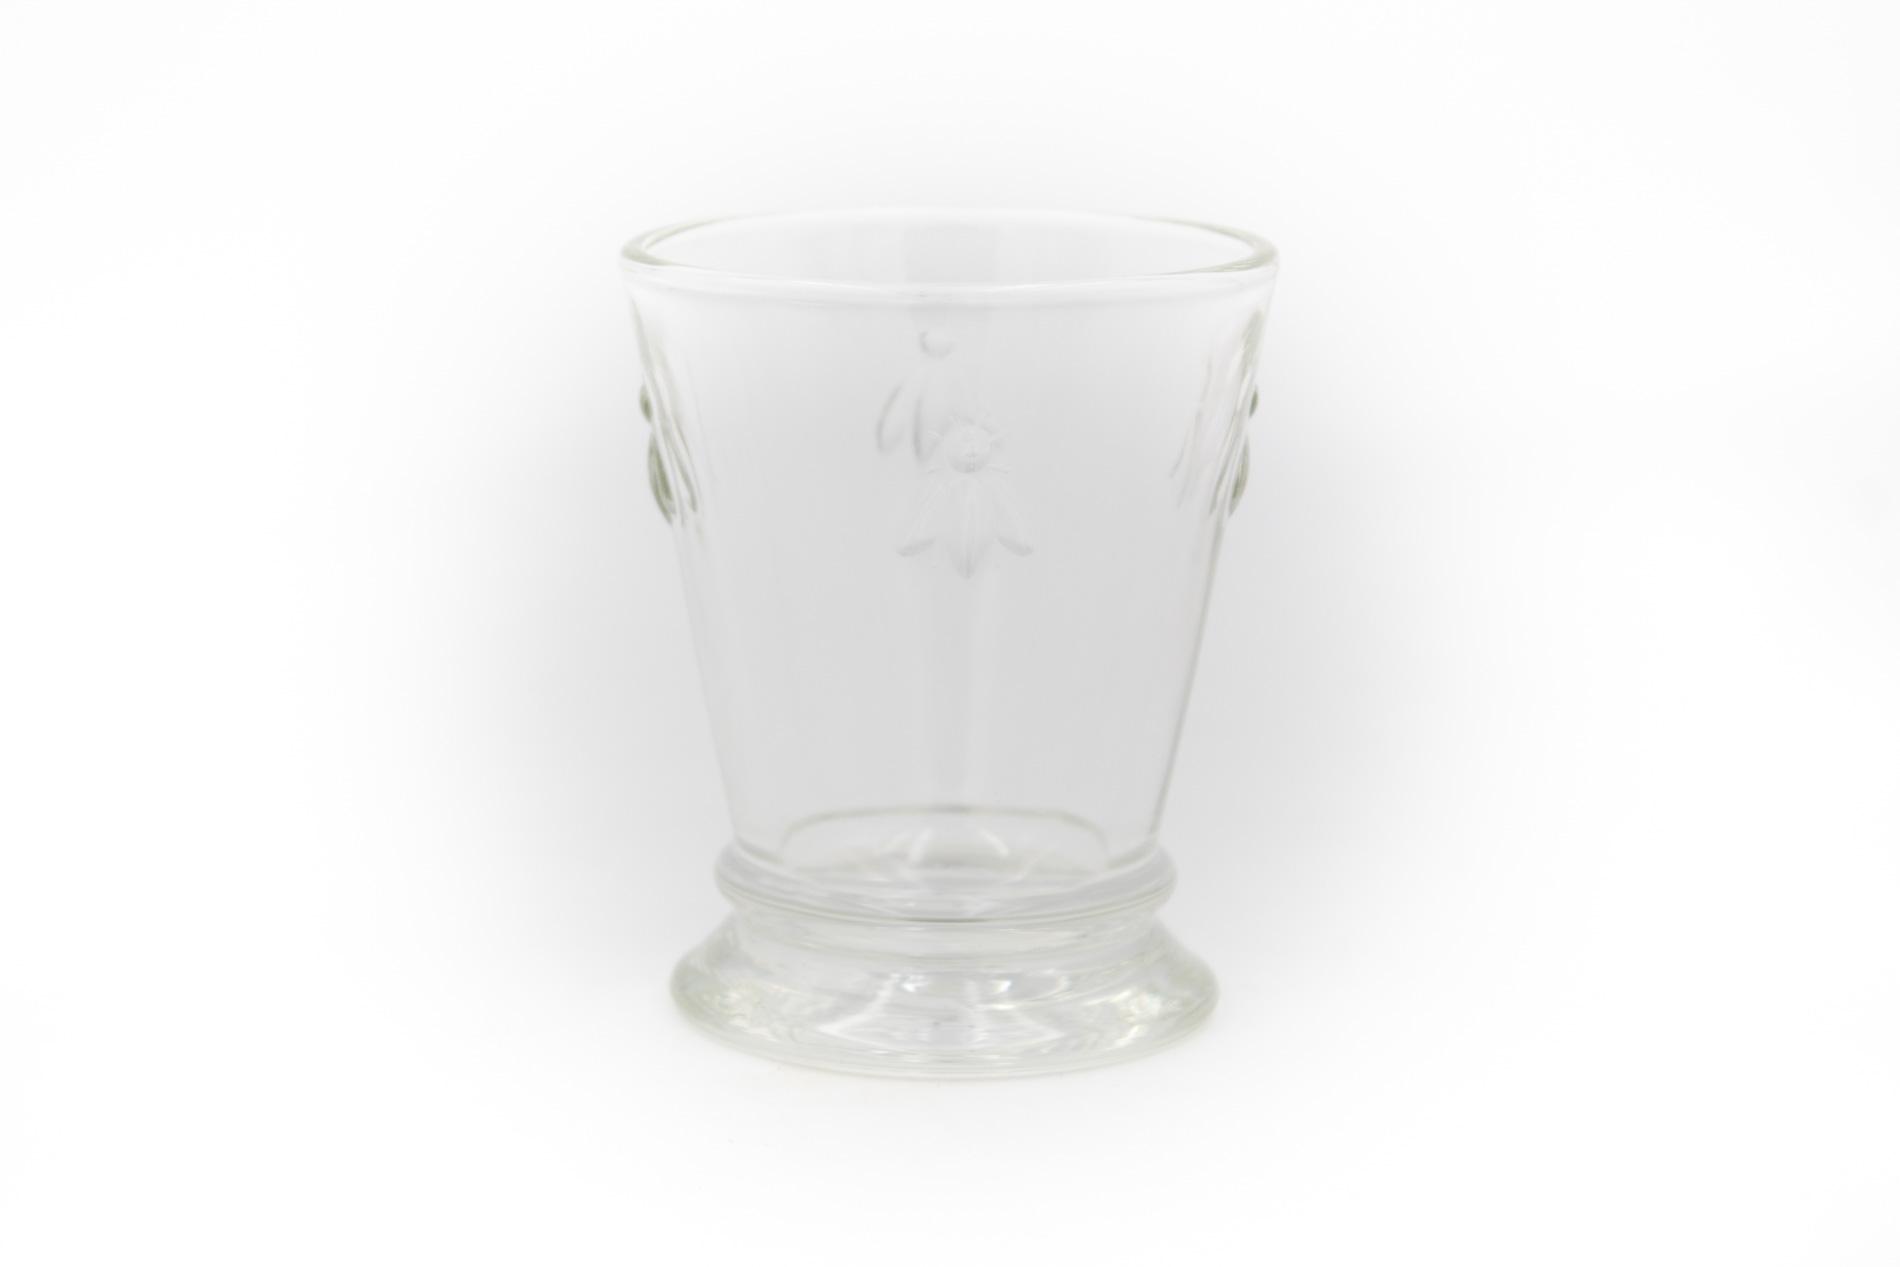 Wasserglas/ Trinkglas/ Whiskyglas, Biene, 0,26 l